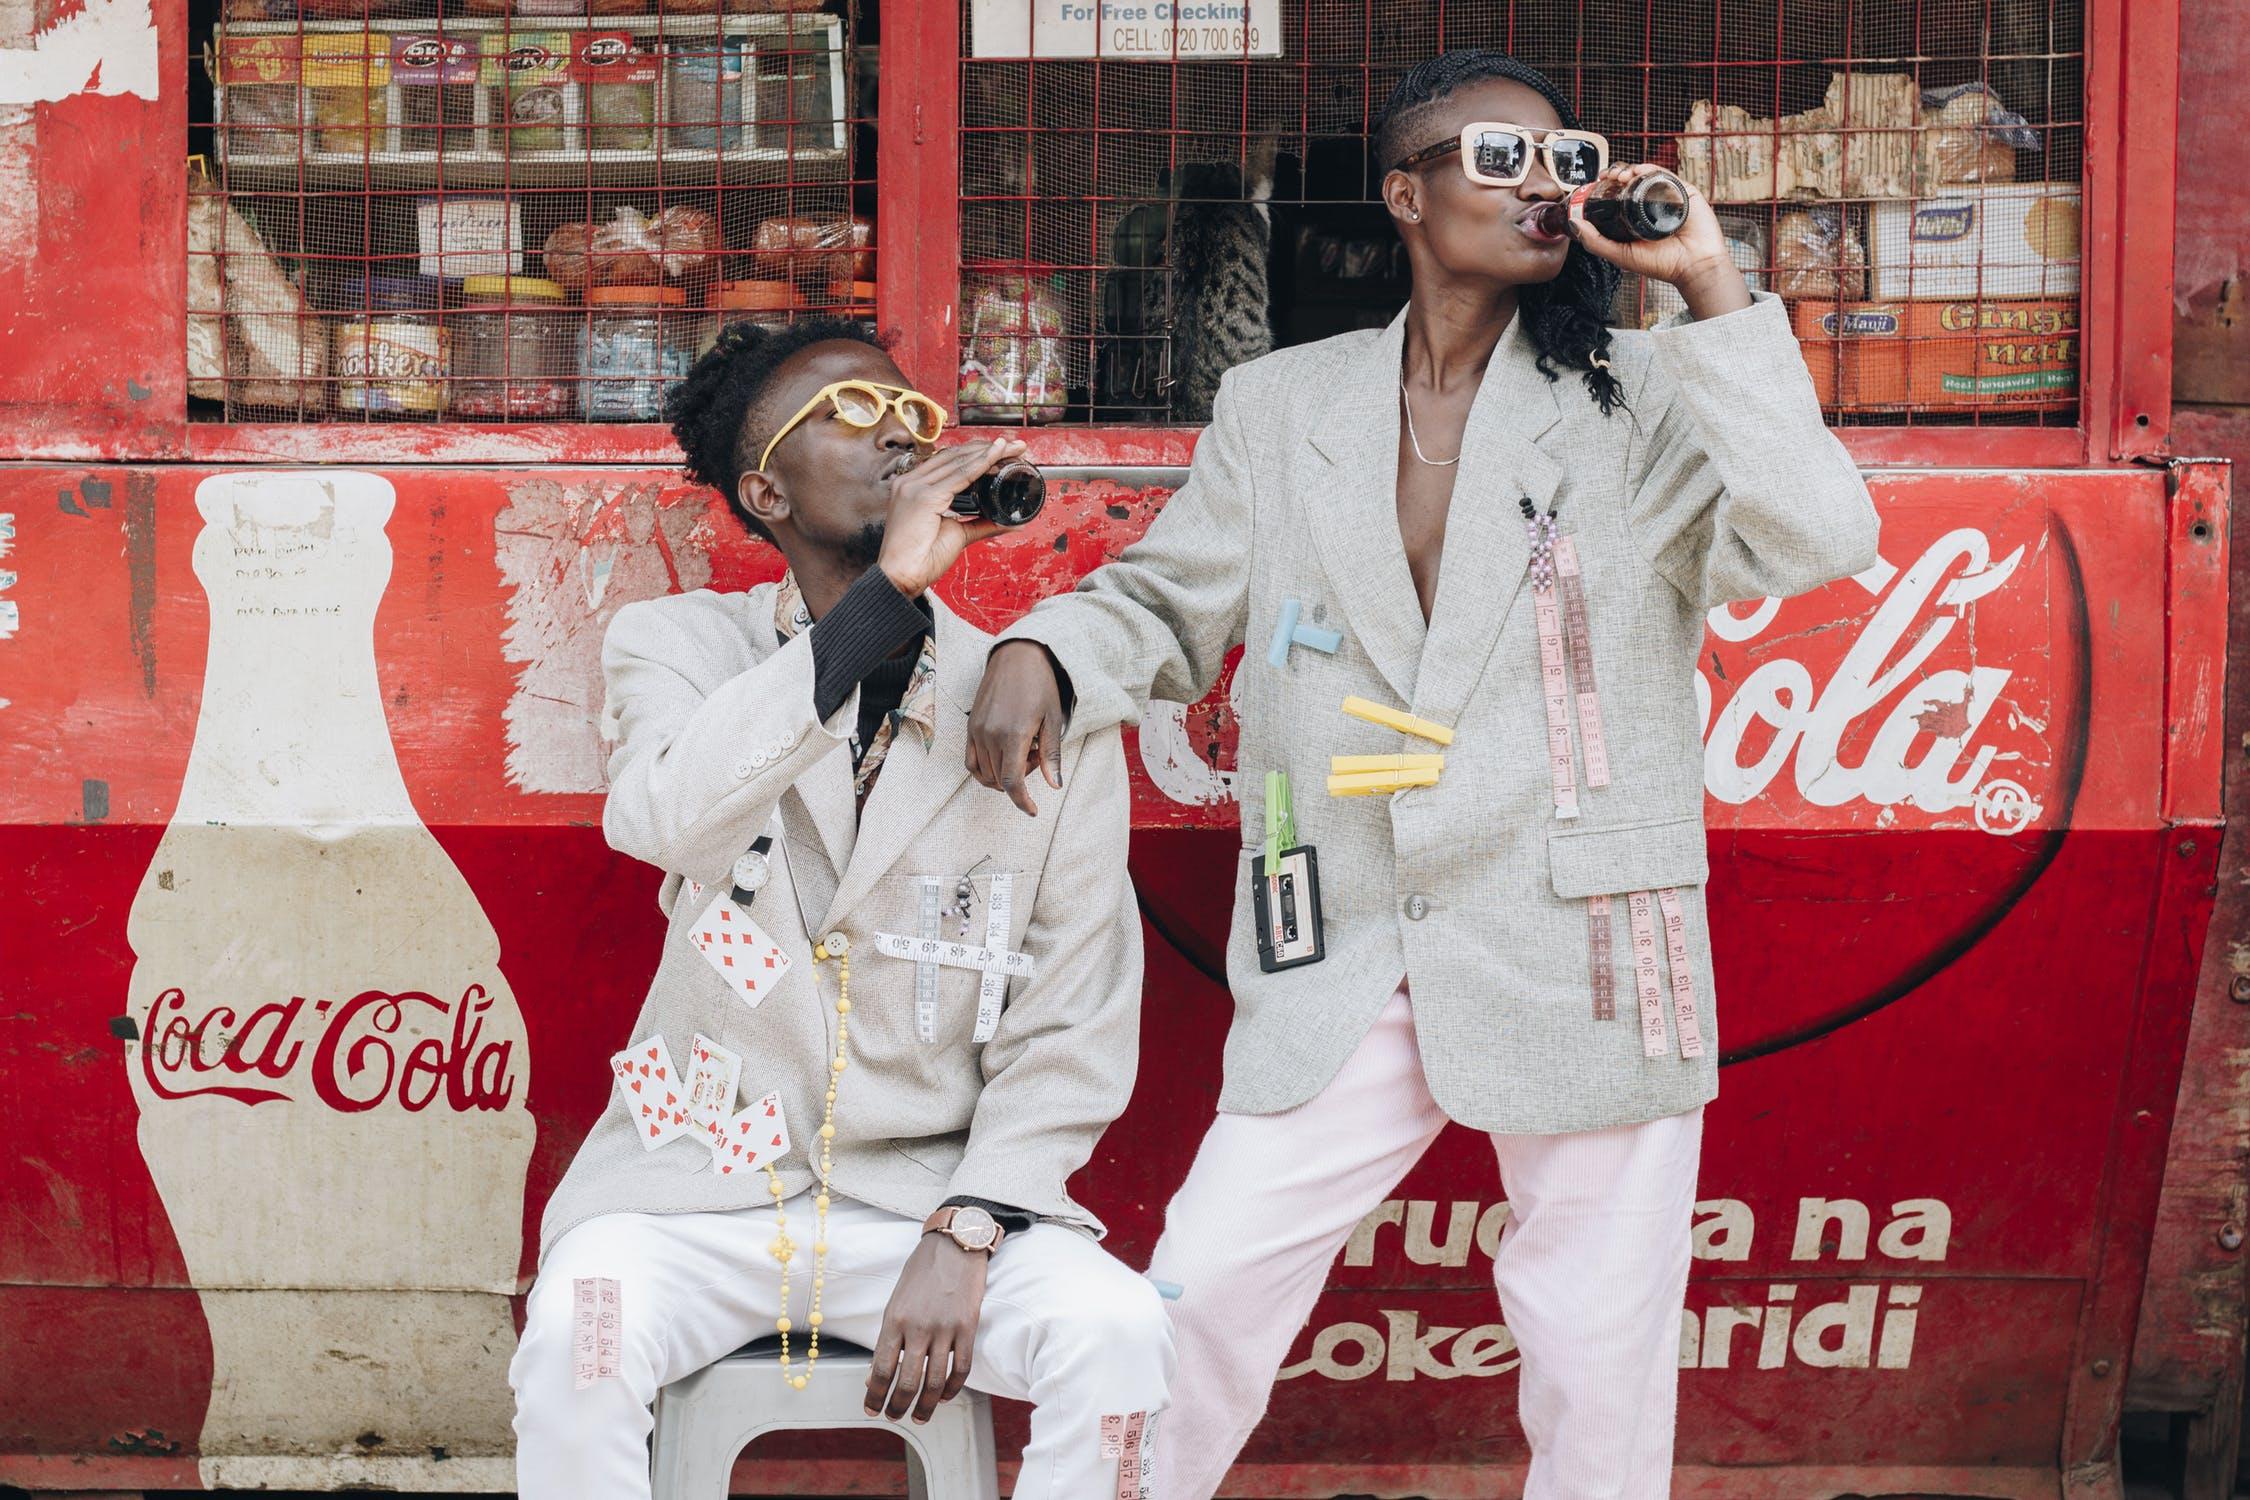 Vertimo paslaugos reikalingos netgi tokioms kompanijoms kaip Coca Cola